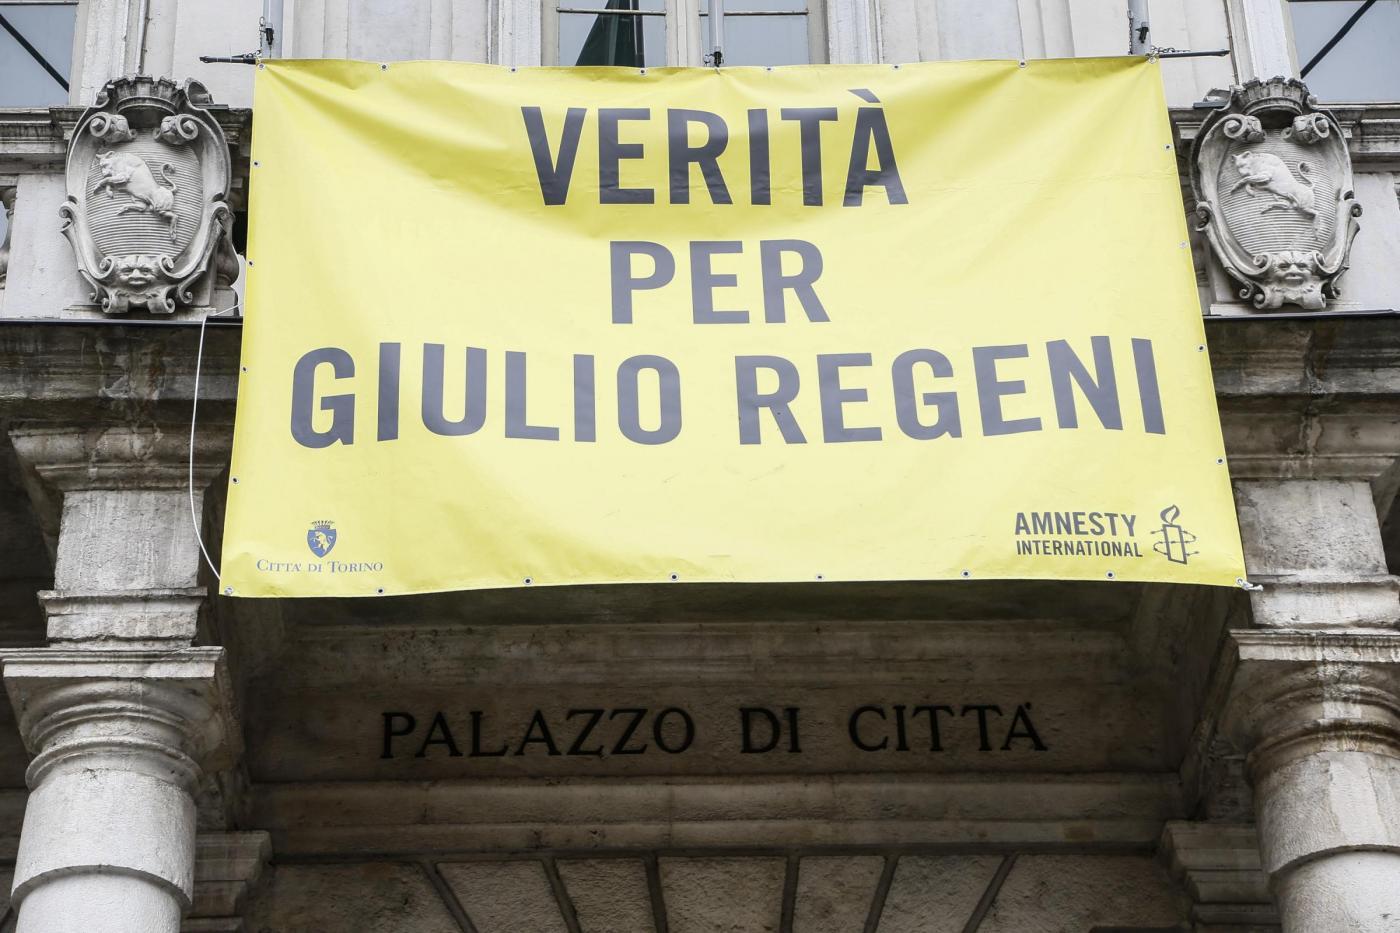 Morte Regeni, anche il sindaco di Torino Fassino firma il documento di Amnesty International